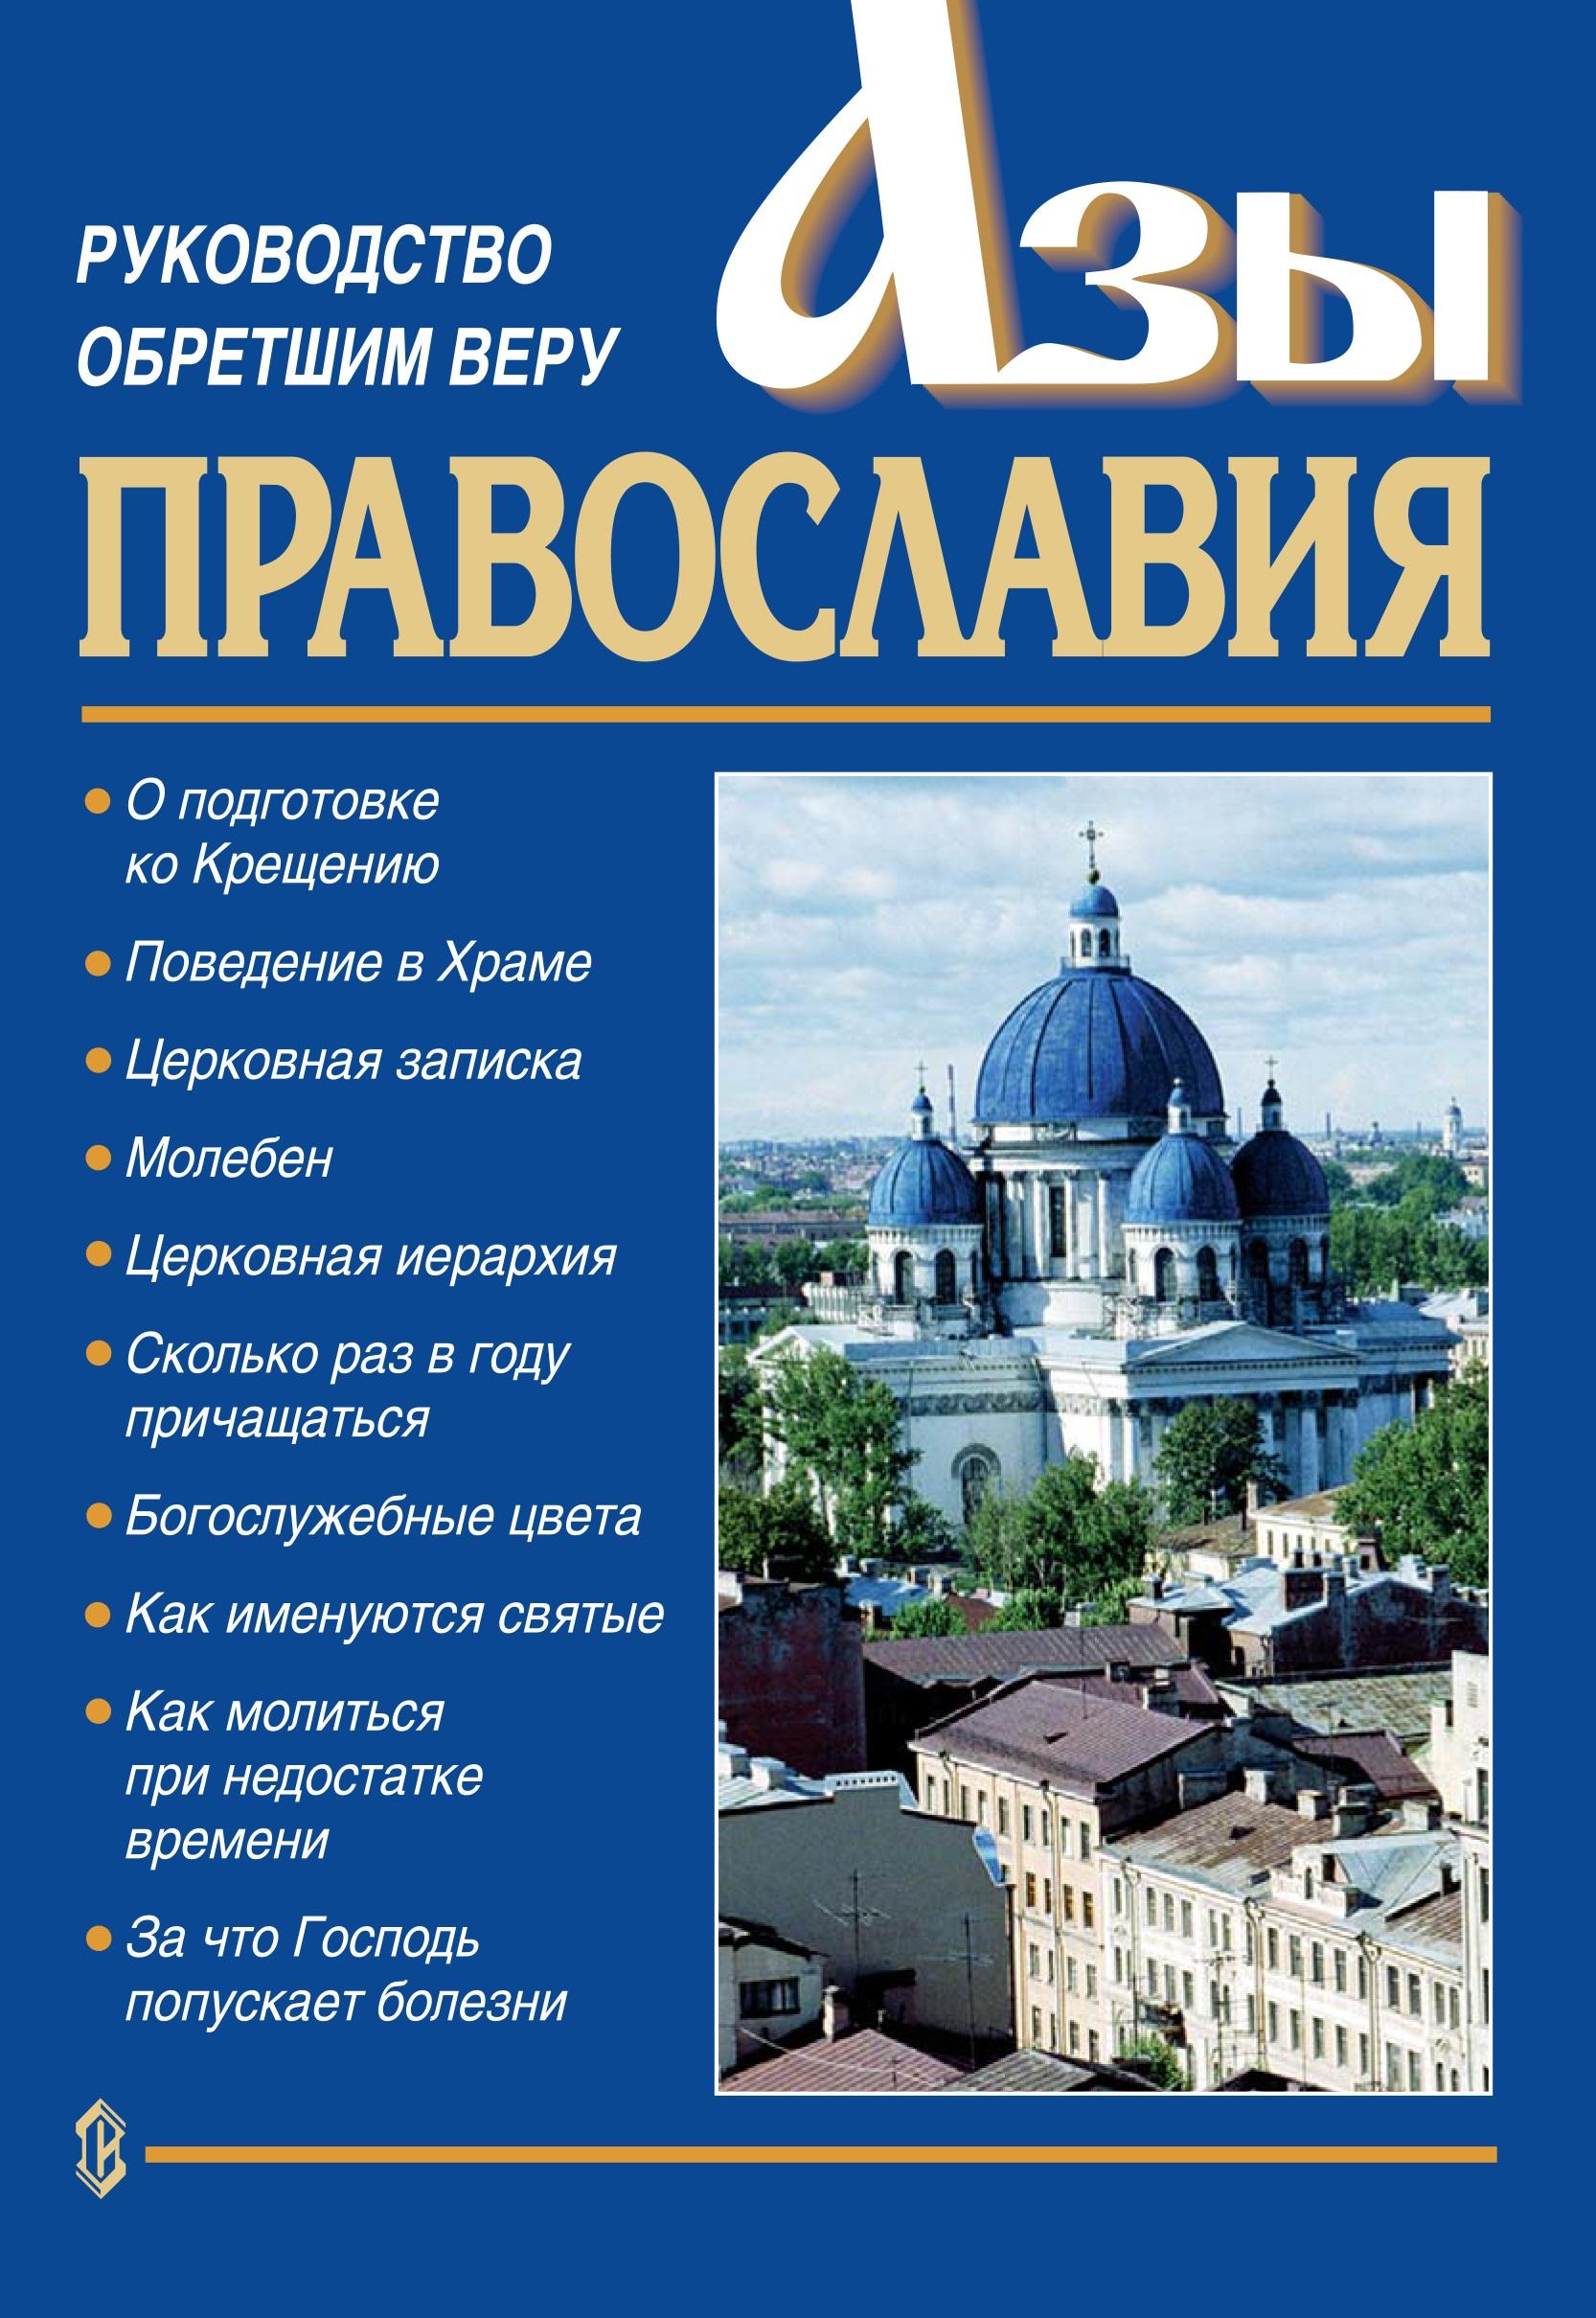 Купить книгу Азы православия. Руководство обретшим веру, автора Священника Константина Слепинина